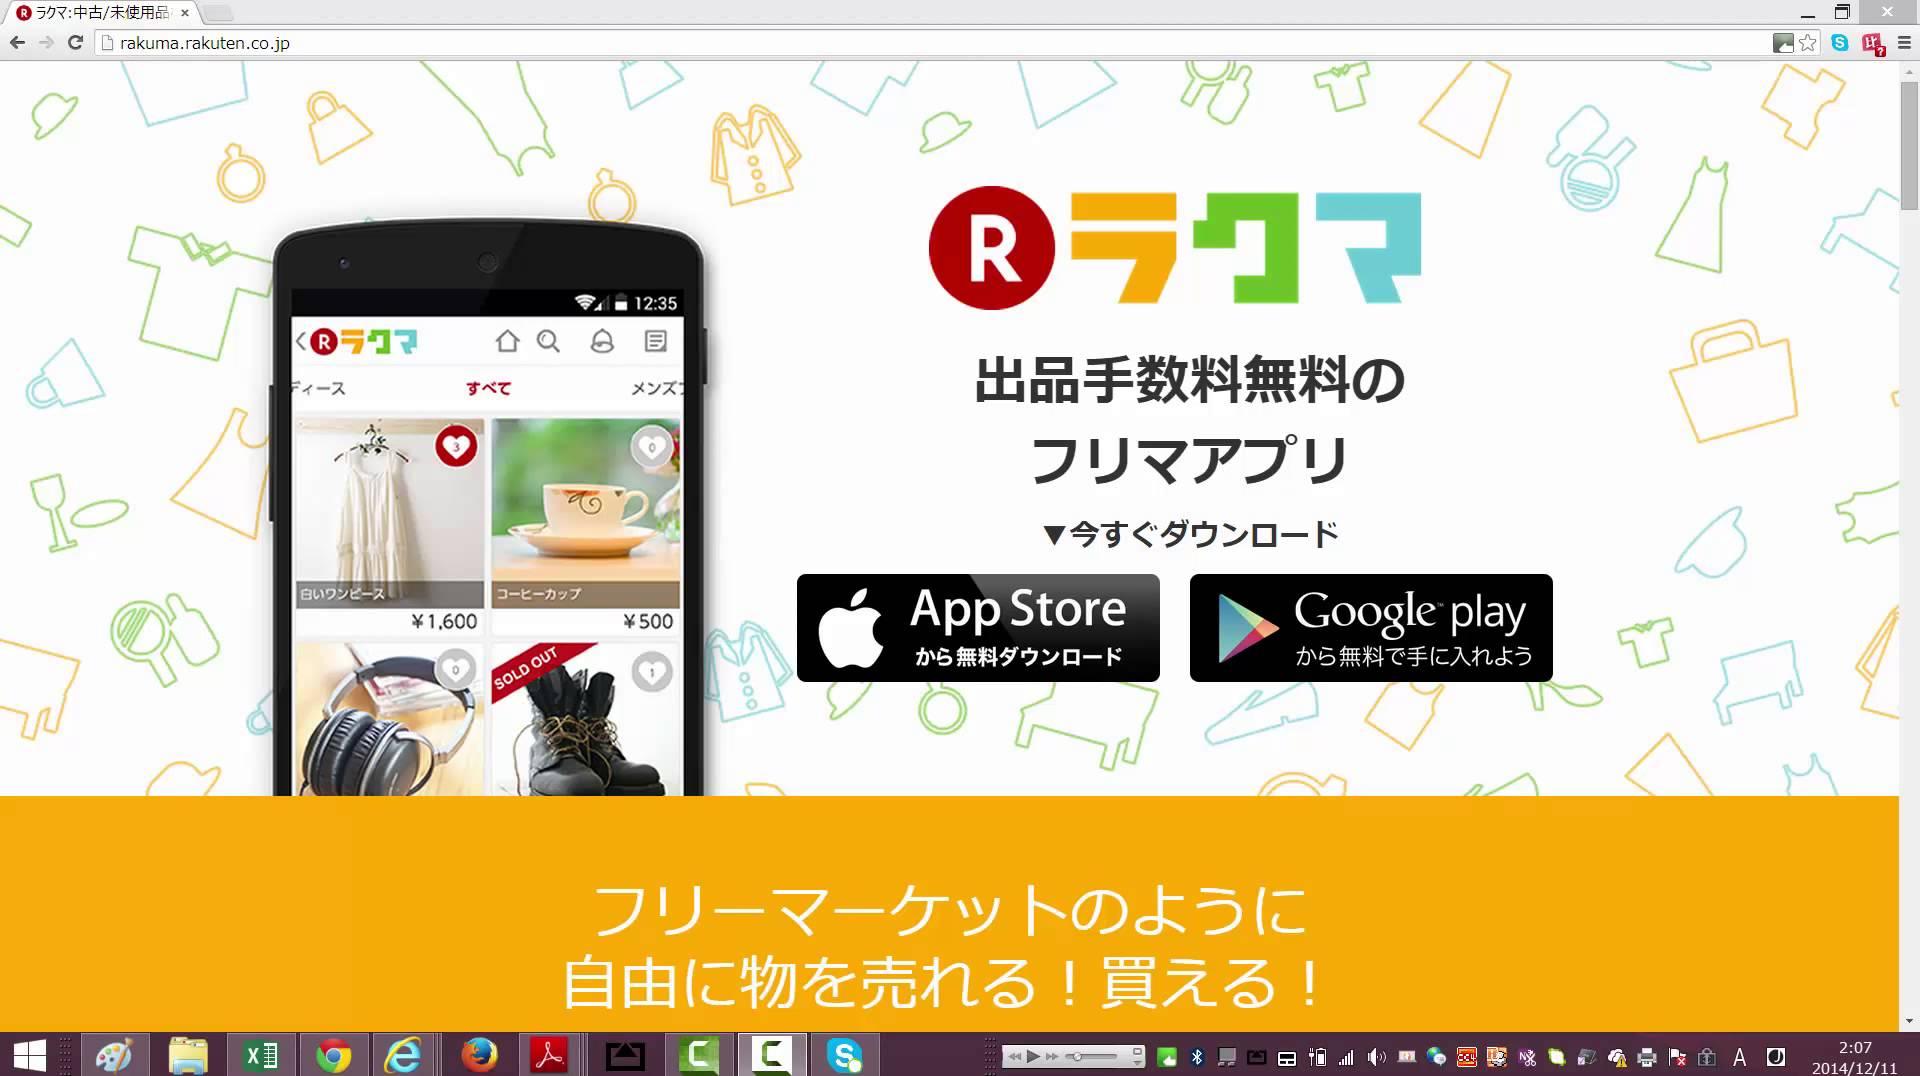 フリマアプリ:ラクマの登録と出品【動画付】